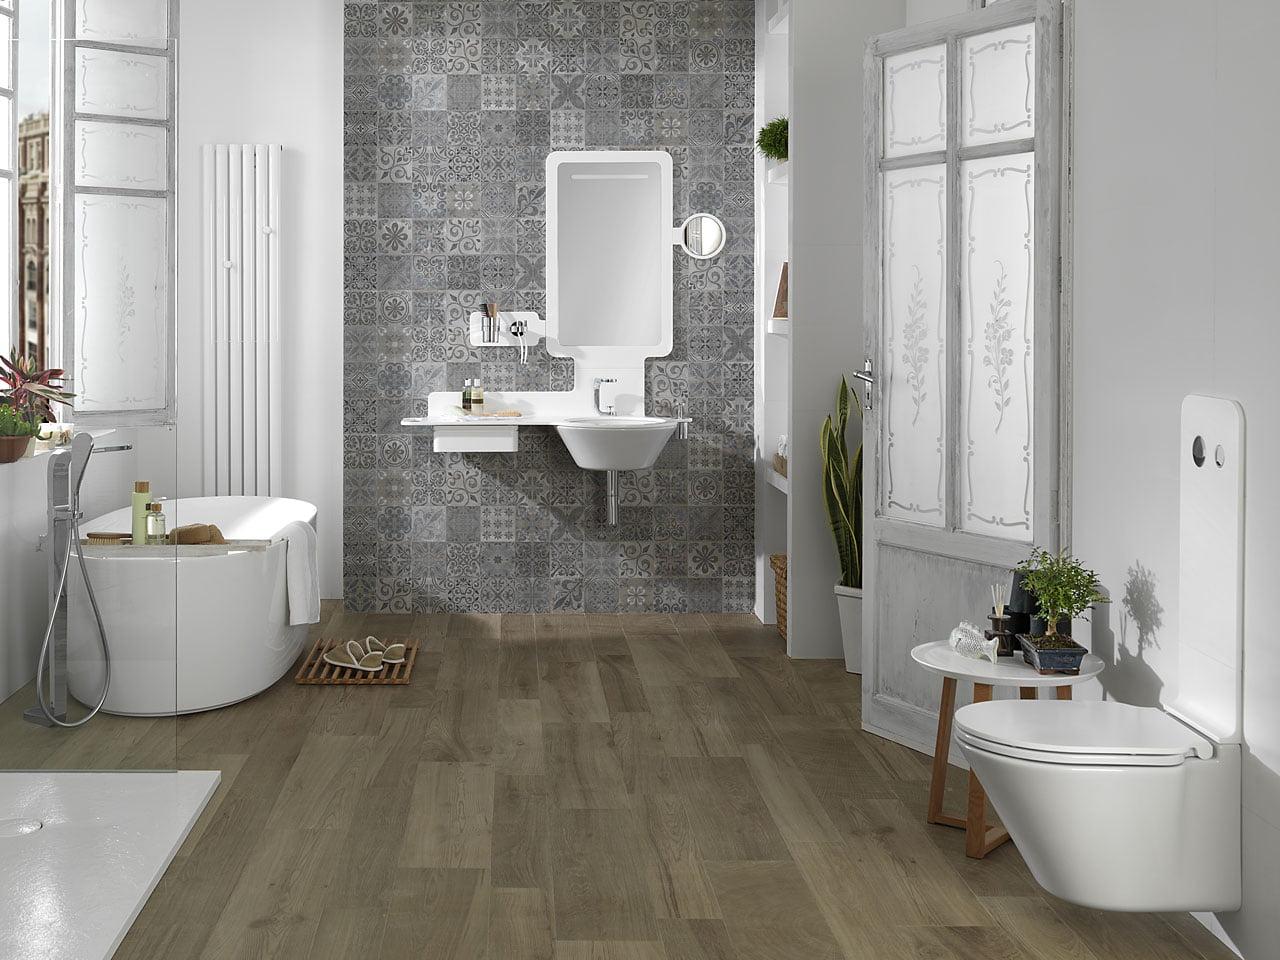 Las mejores ideas para decorar baños de ensueño ...